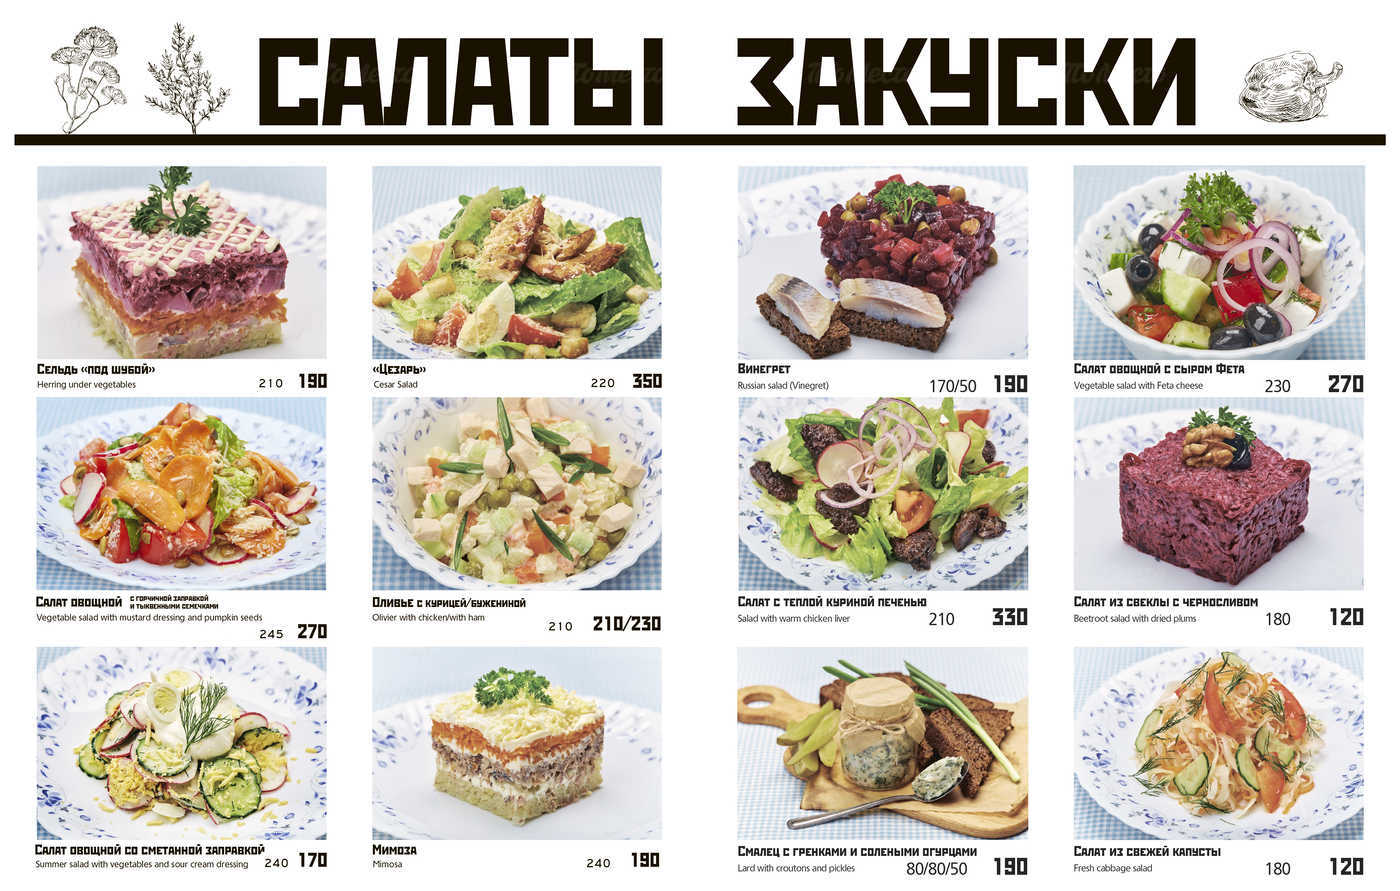 Меню кафе, ресторана Вареничная №1 на Лиговском проспекте